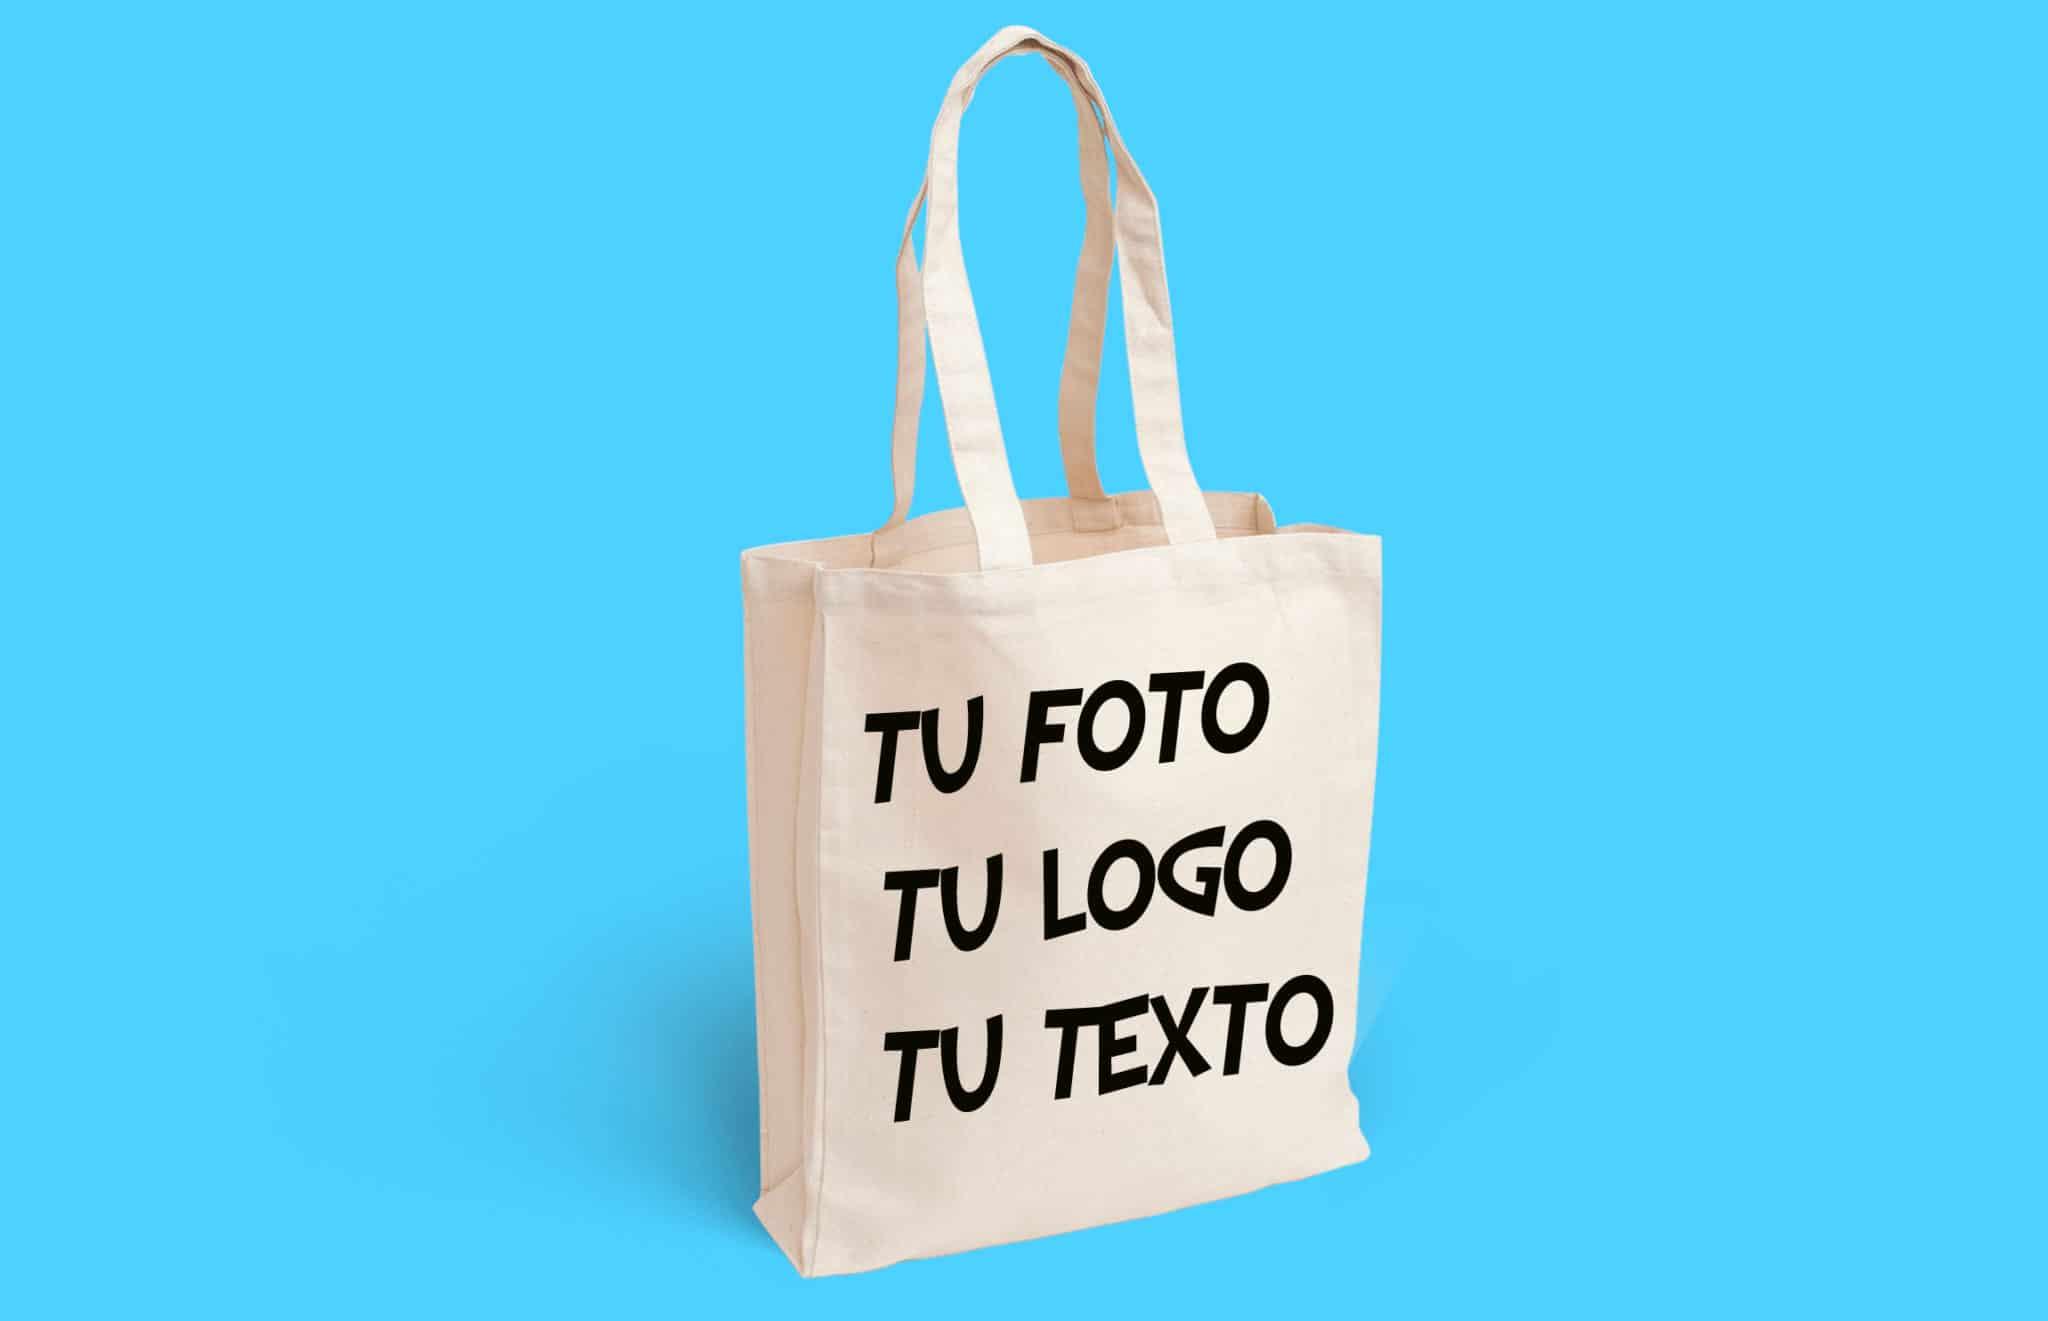 Bolsas personalizadas con tu logotipo en Serigrafia textil en Sevilla